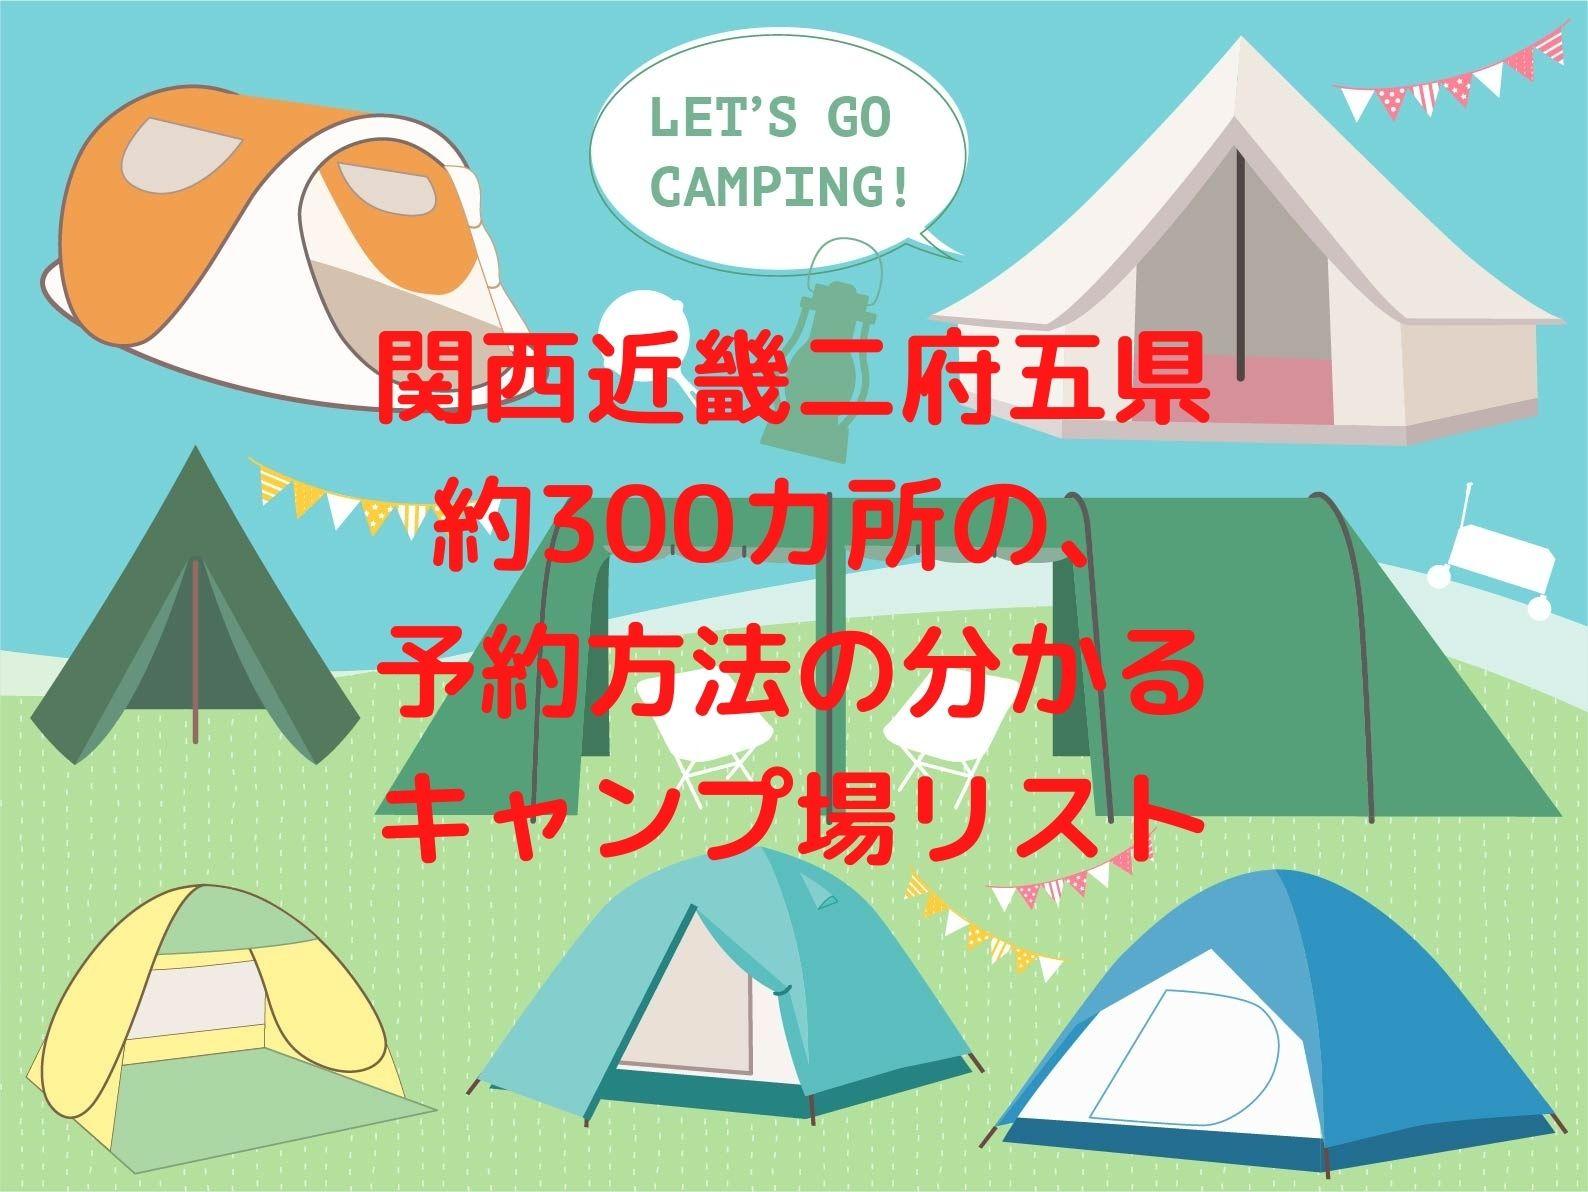 関西近畿二府五県 約300カ所の予約方法の分かるキャンプ場リスト アイキャッチ